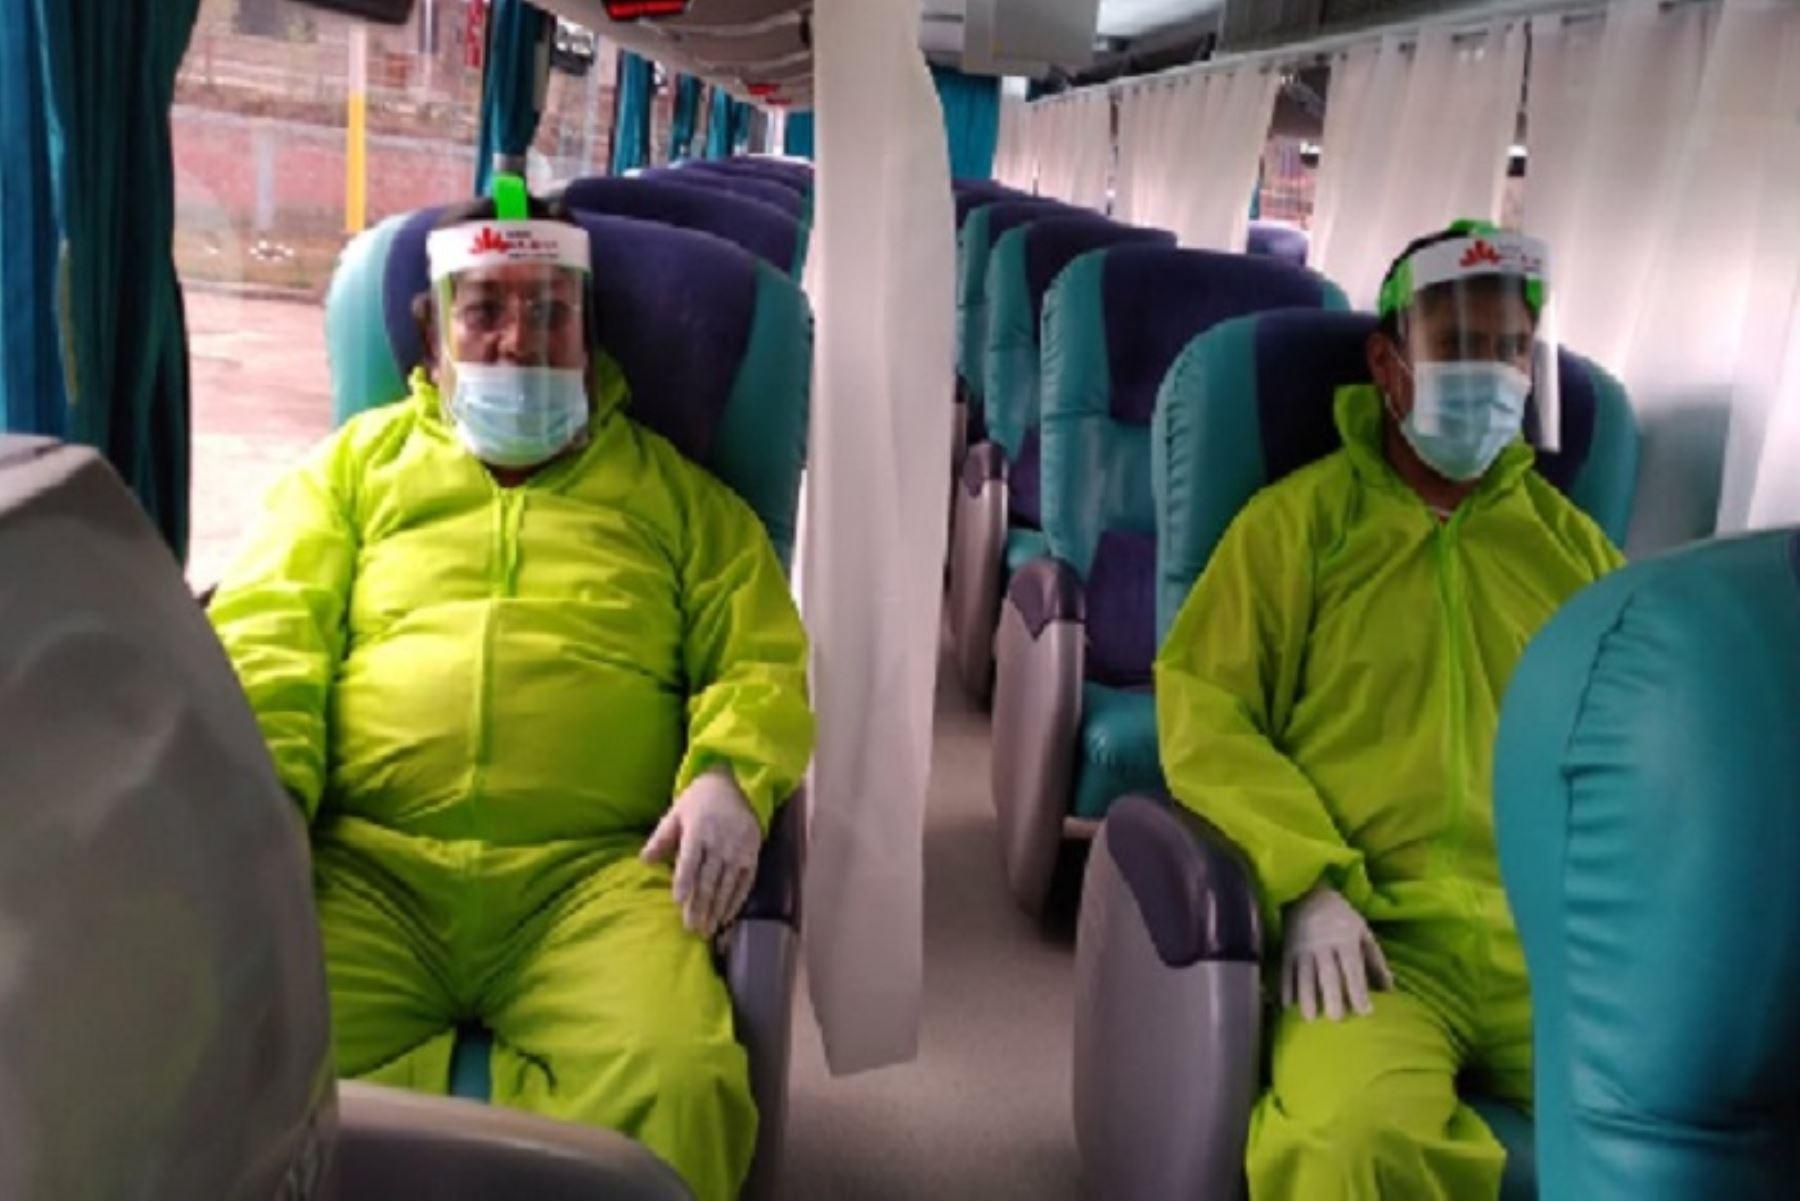 Evitar conversar durante el viaje mejora la prevención del contagio de covid-19 en los viajes interprovinciales. ANDINA/Difusión